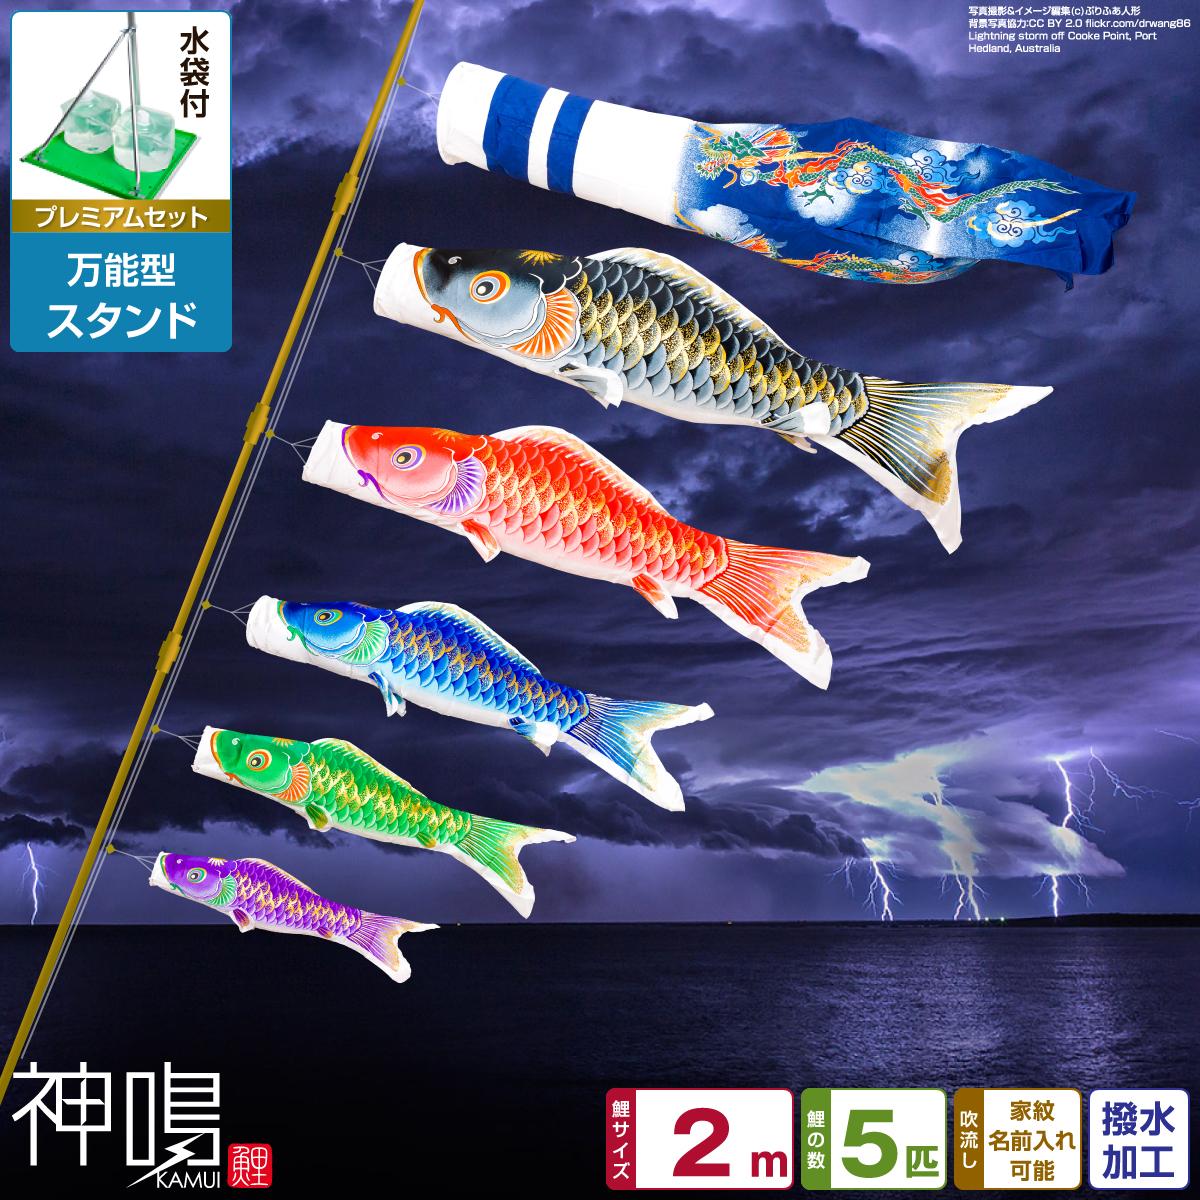 鯉のぼり ベランダ/庭/兼用 神鳴鯉-KAMUI- 2m 8点(吹流し+鯉5匹+矢車+ロープ)/プレミアムセット(万能スタンド)